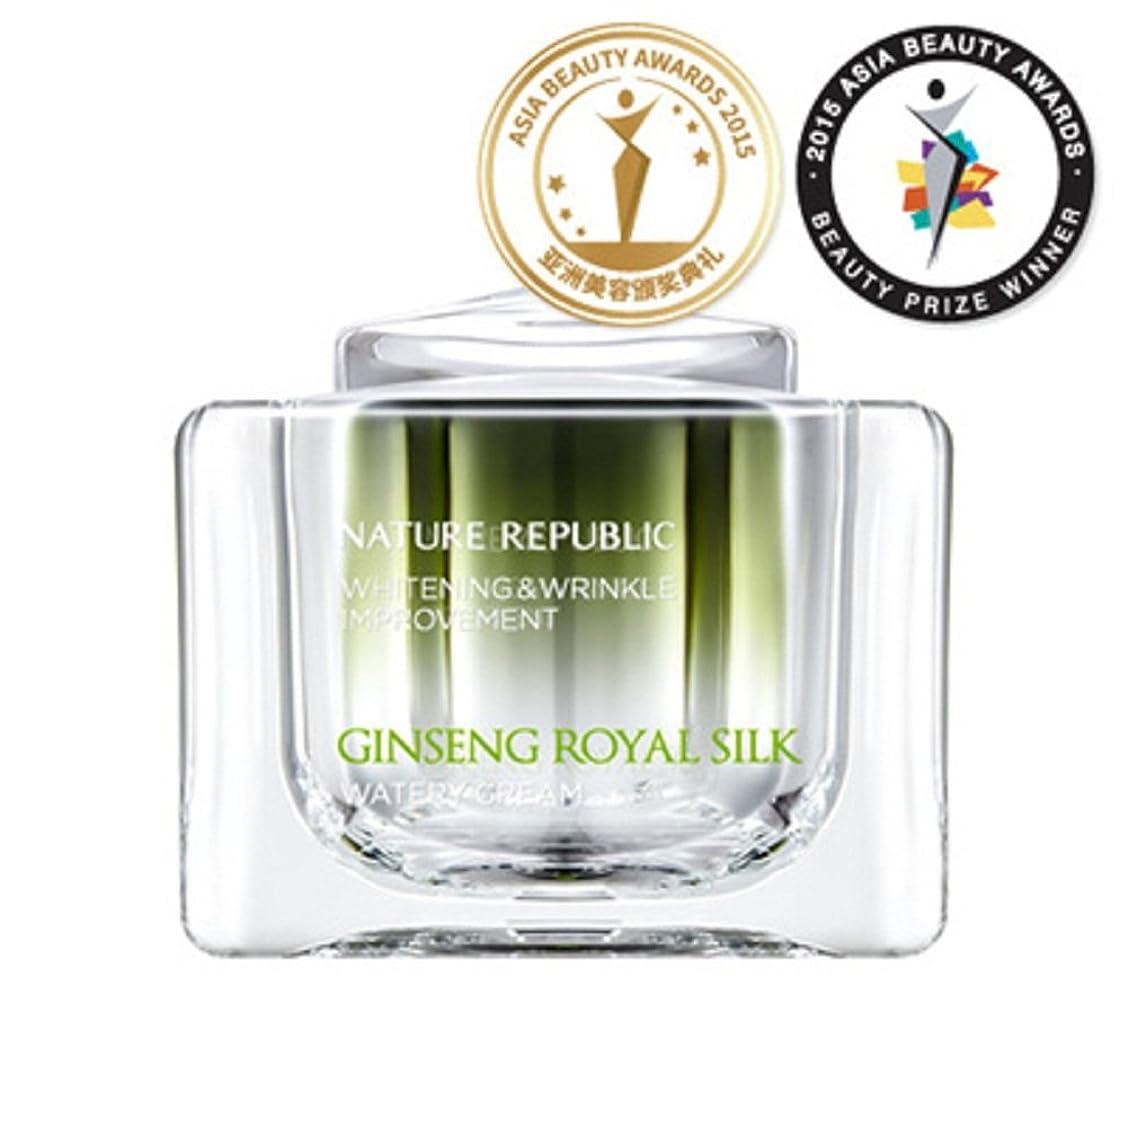 不従順思慮深い丘ネイチャーリパブリック [韓国コスメ NATURE REPUBLIC] ジンセン ロイヤル シルク ウォータリー クリーム [海外直送品]Nature Republic, Ginseng Royal silk Watery cream